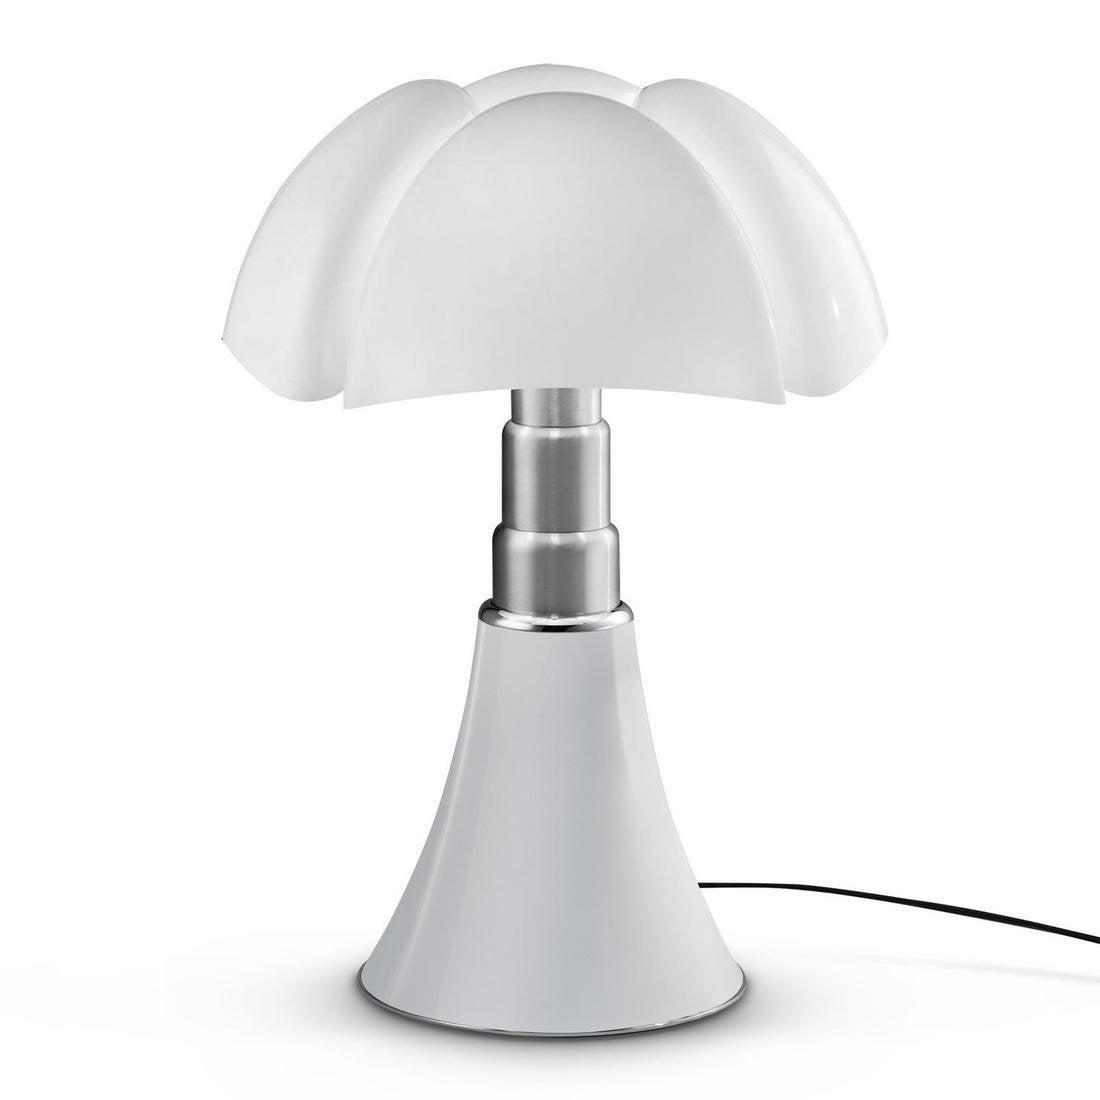 Lampe, design, blanc, MARTINELLI LUCE Pipistrello, H66-86cm, Led